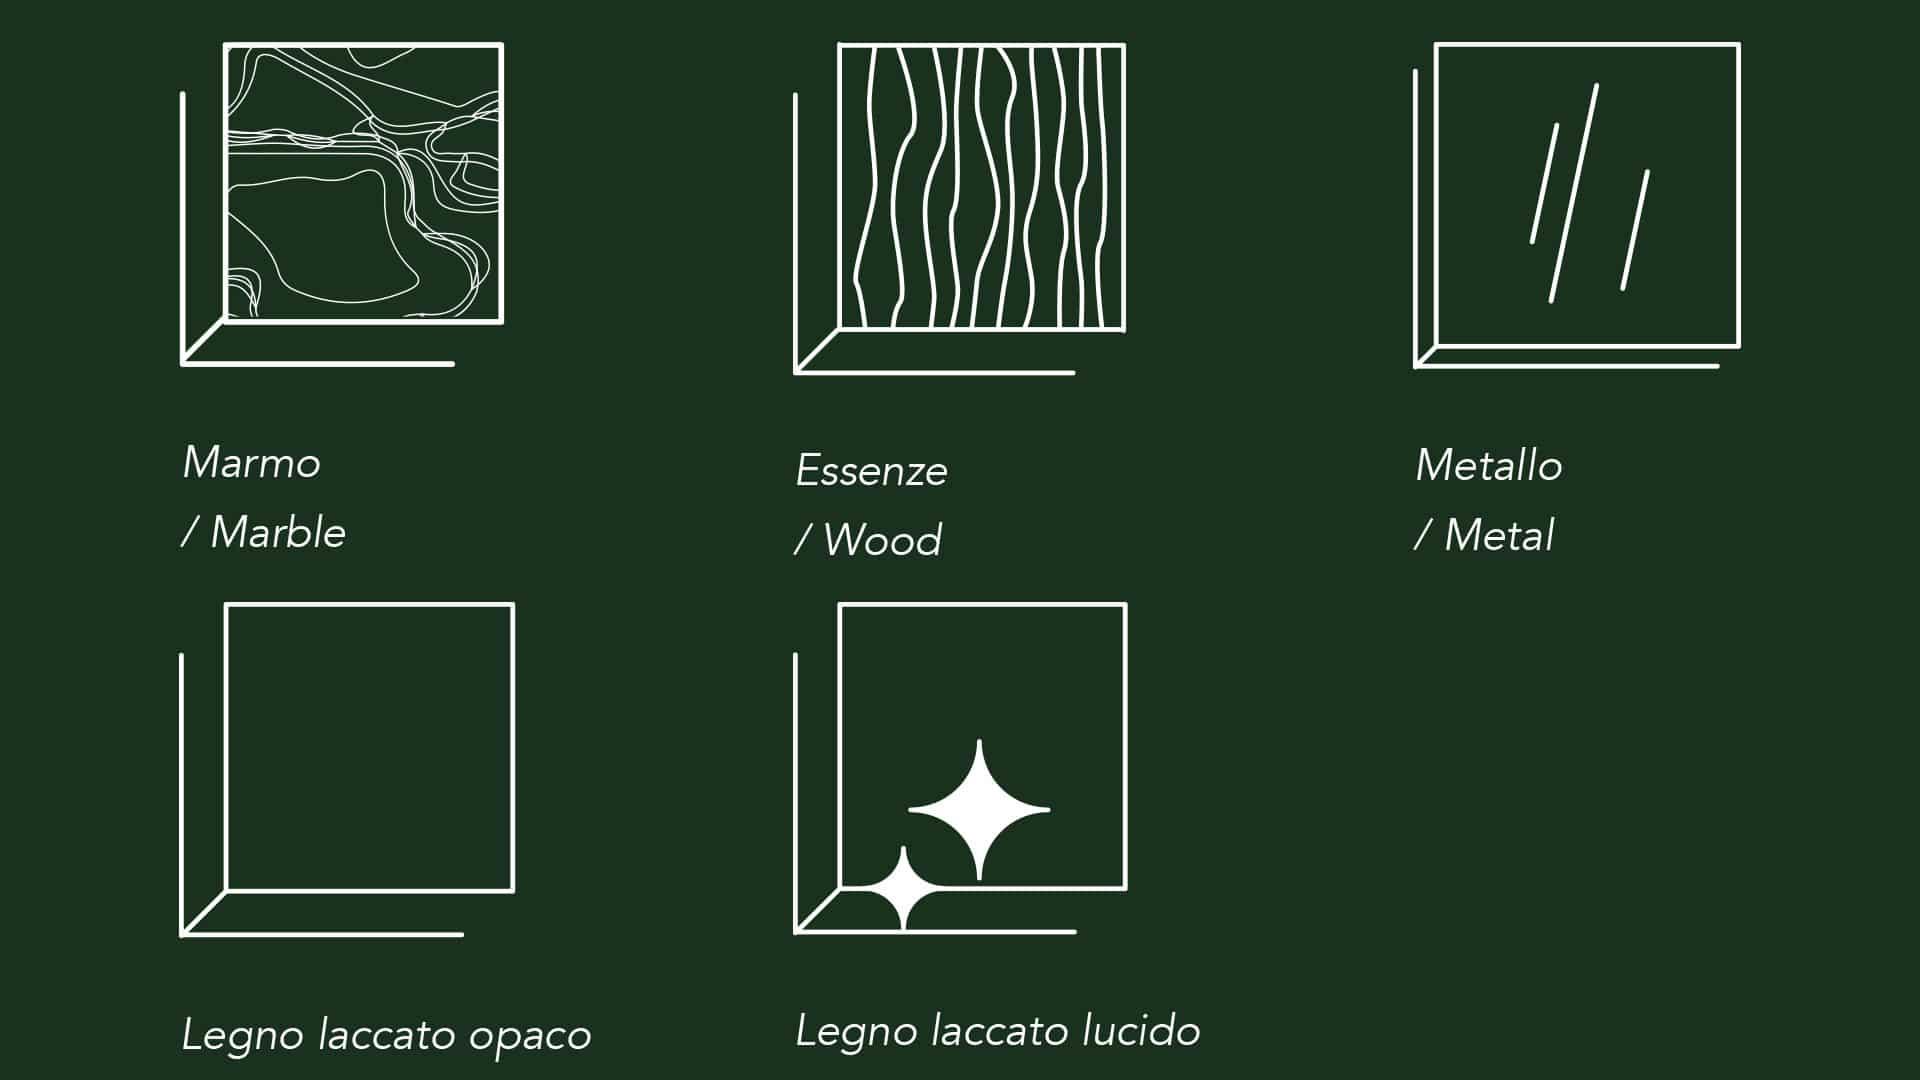 icone reflex materiali grafico milano 03